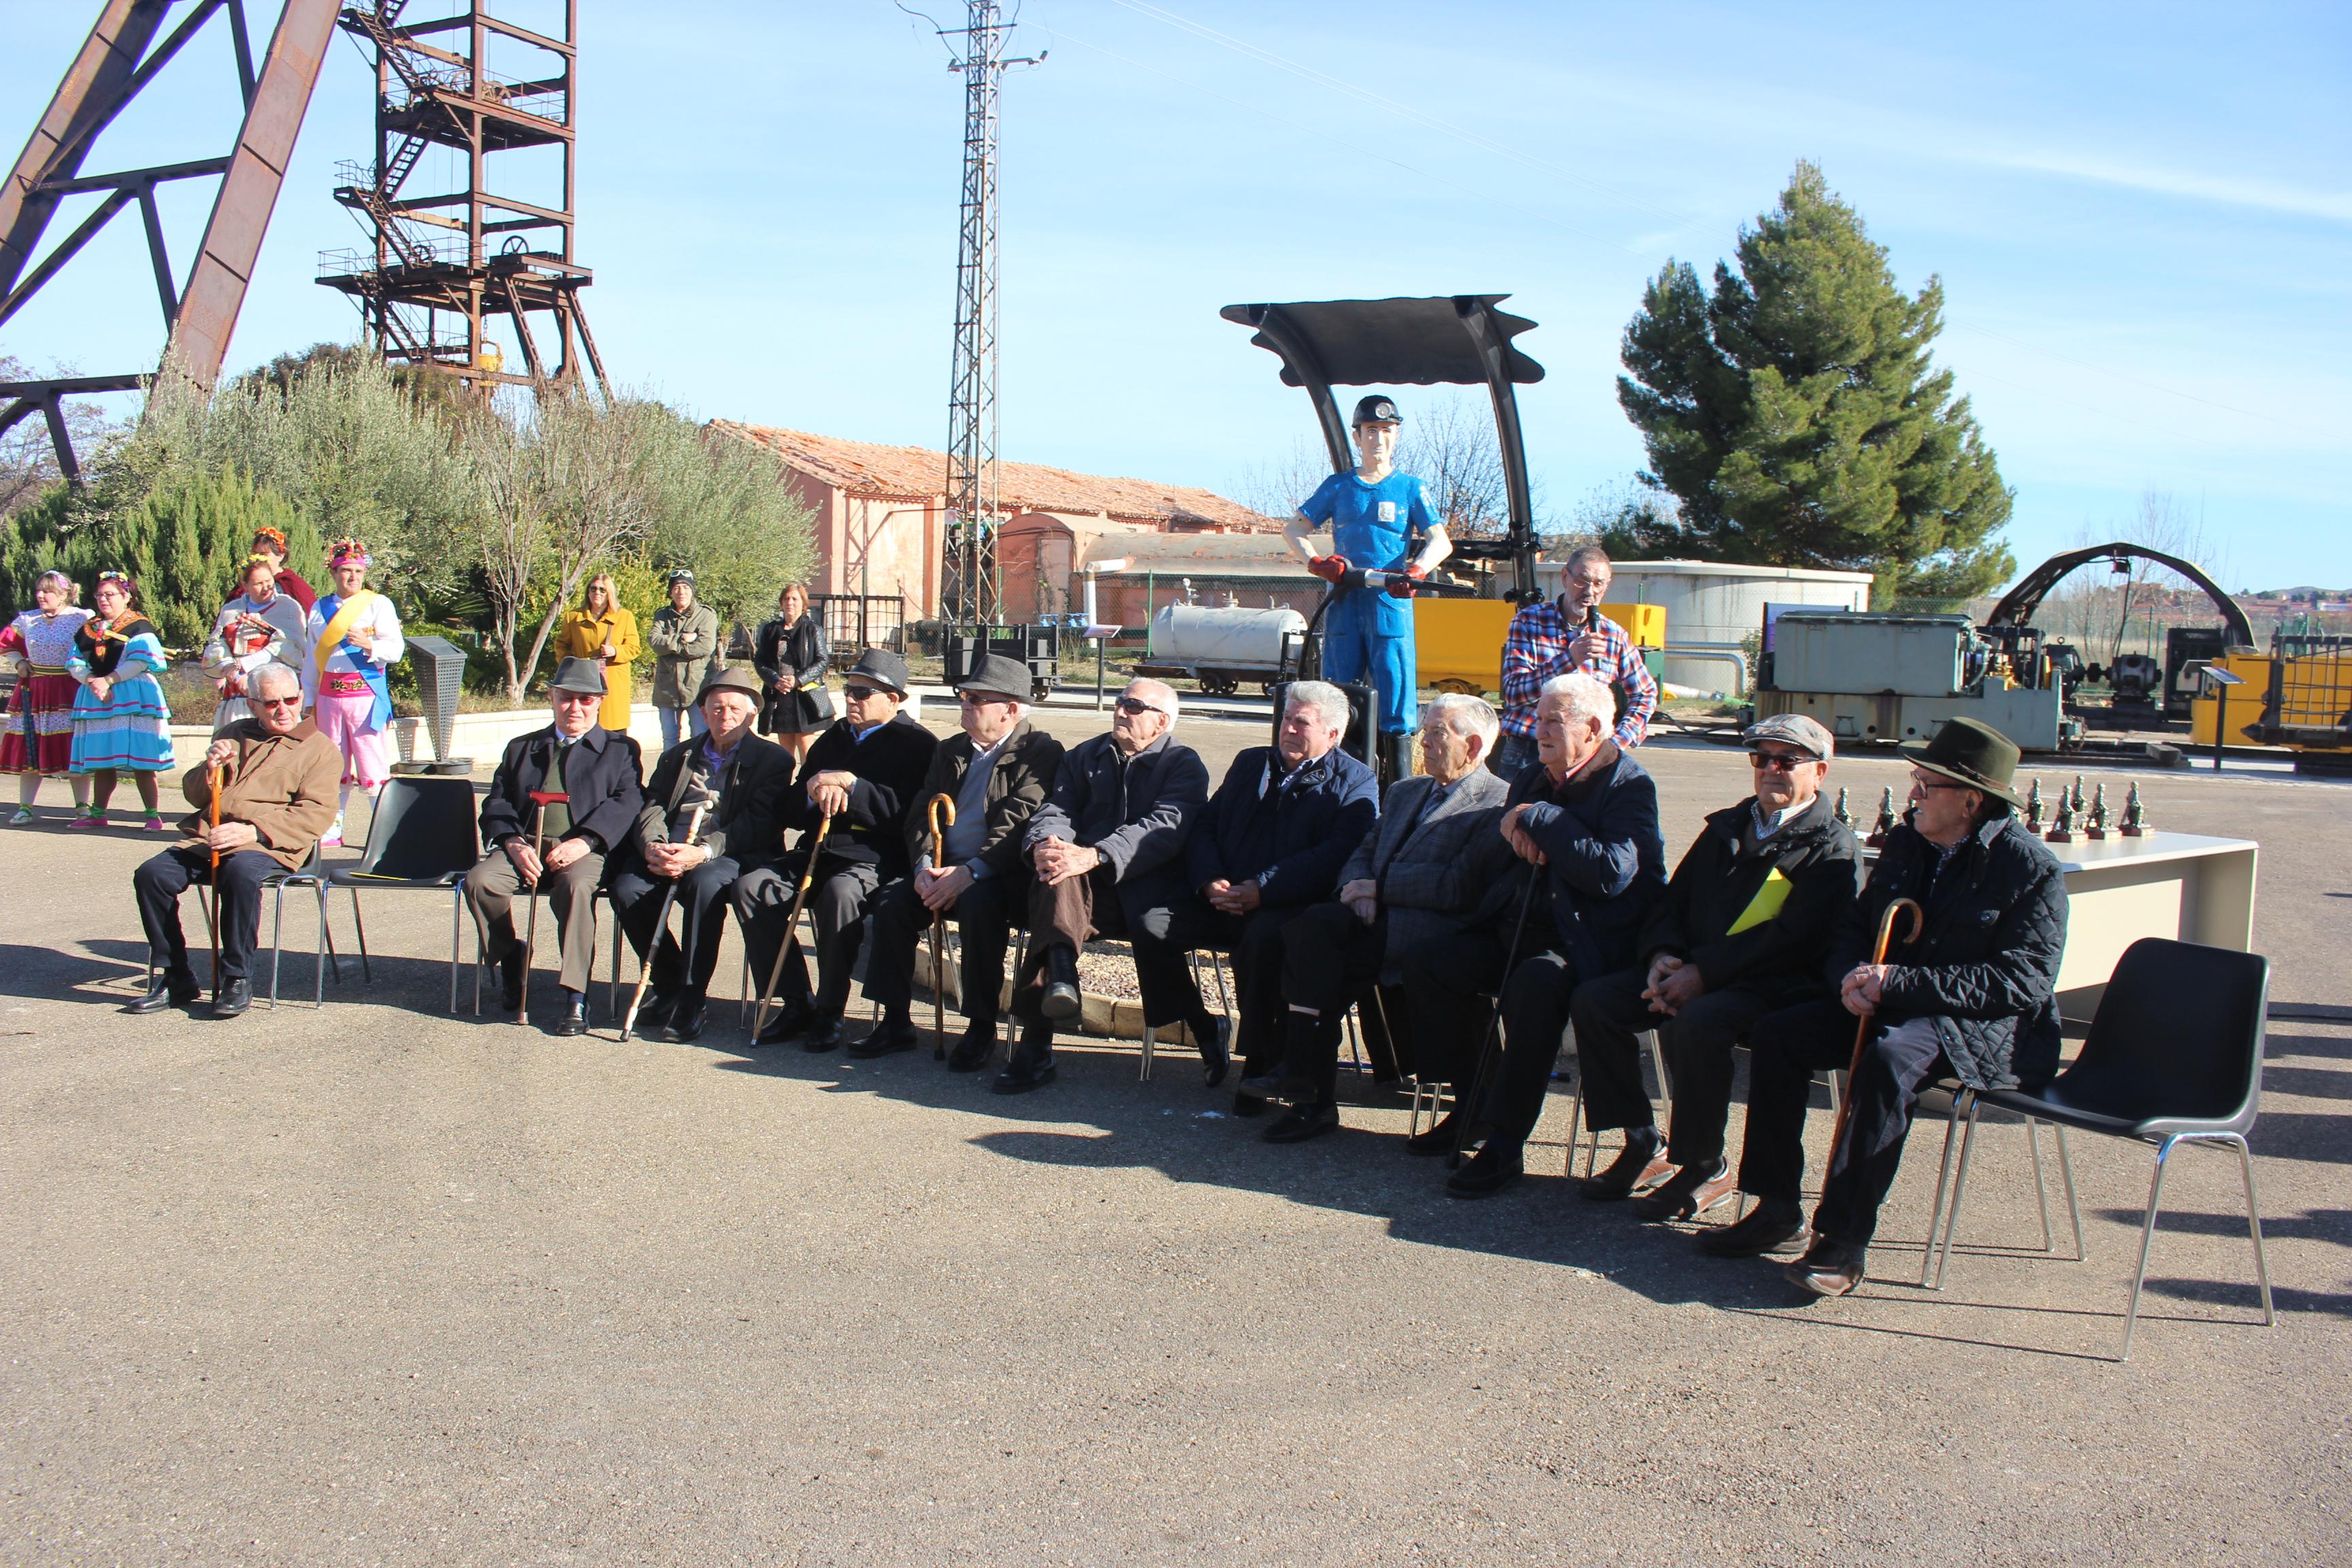 Mineros mayores de 81 años homenajeados. Dos de ellos no pudieron acudir al acto